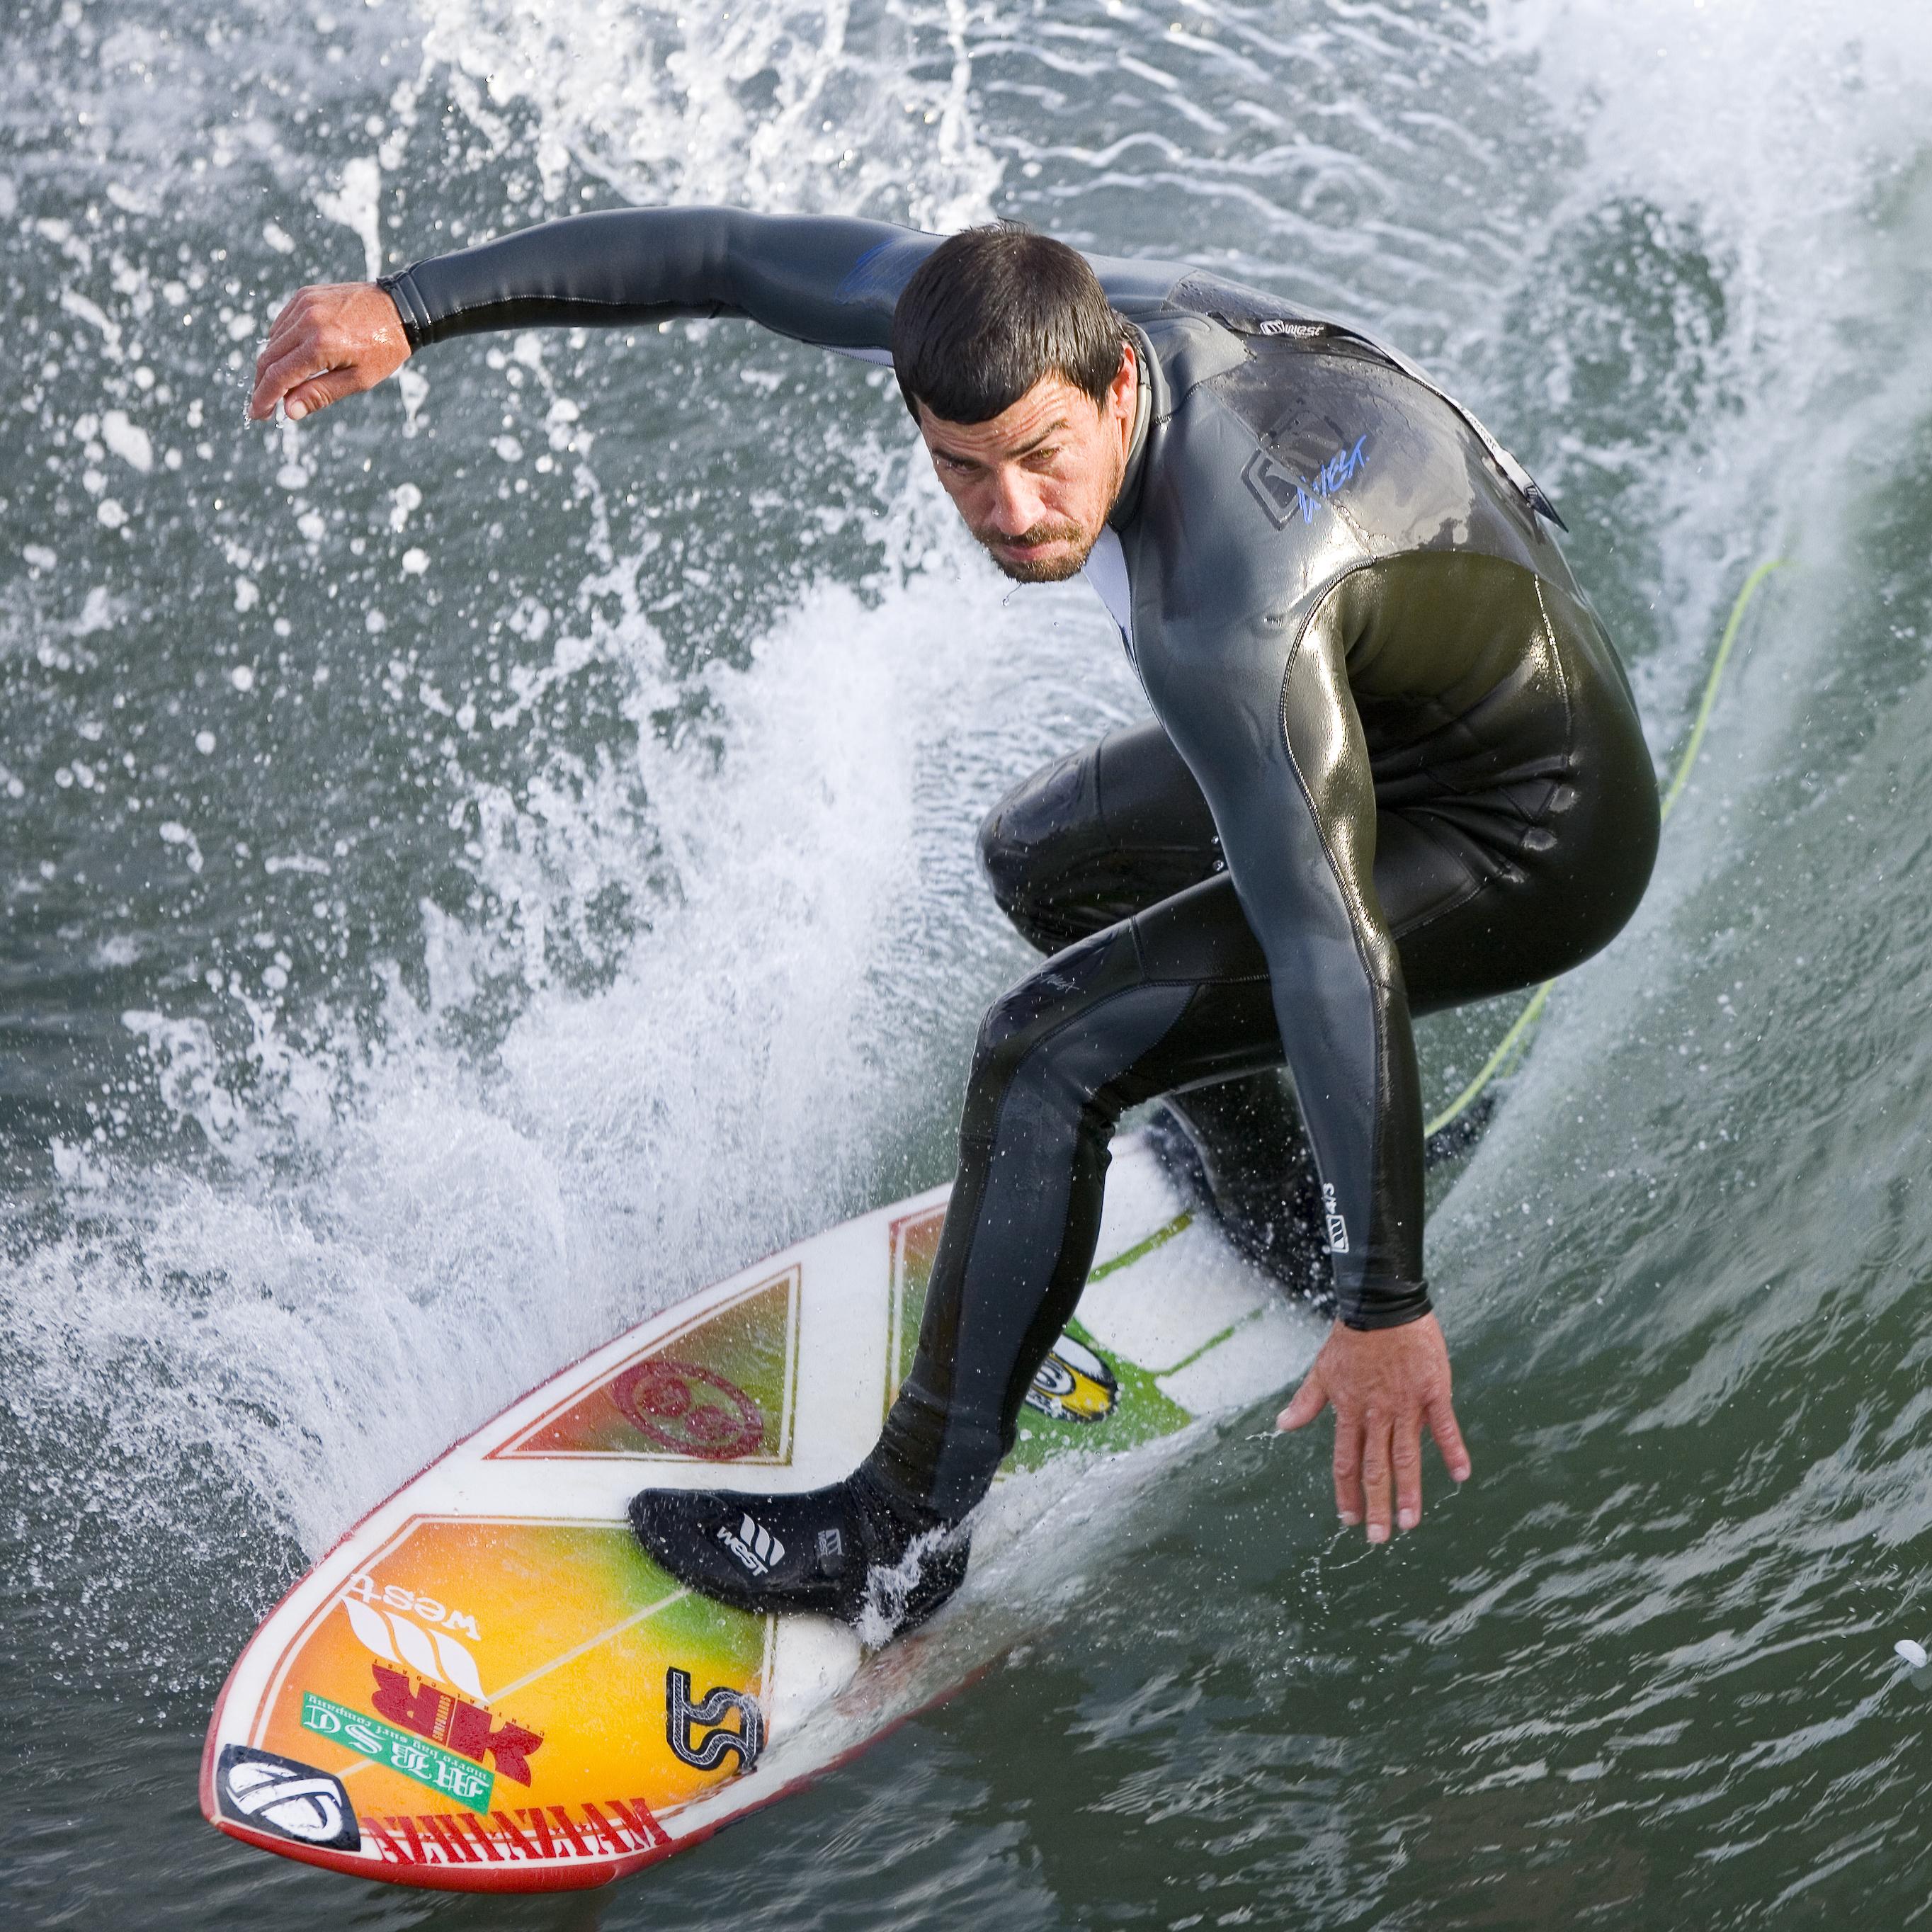 Depiction of Surf